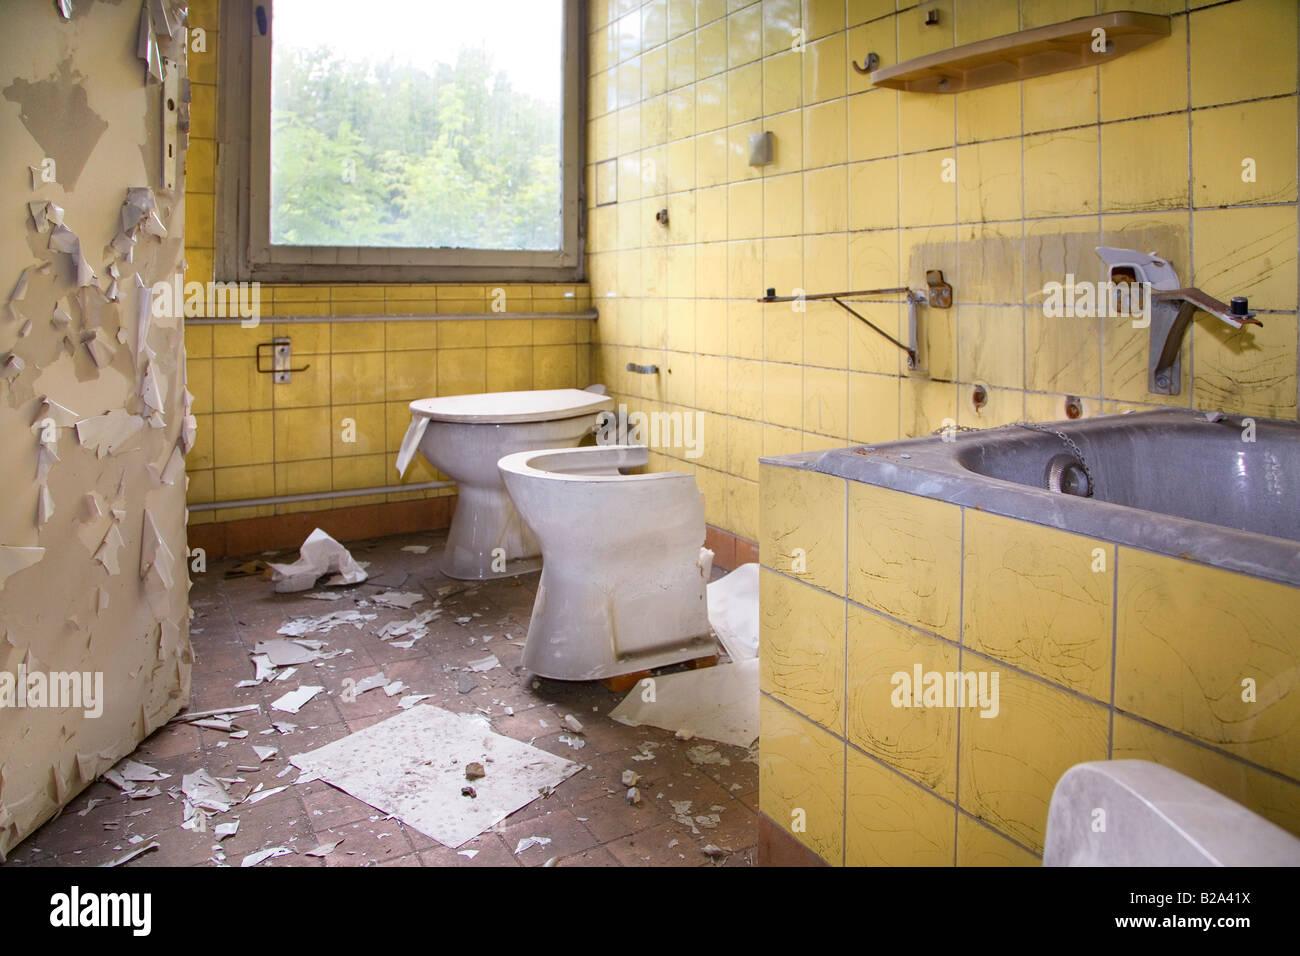 Miroir Salle De Bain Suisse ~ une salle de bains dans une maison abandonn e berlin allemagne